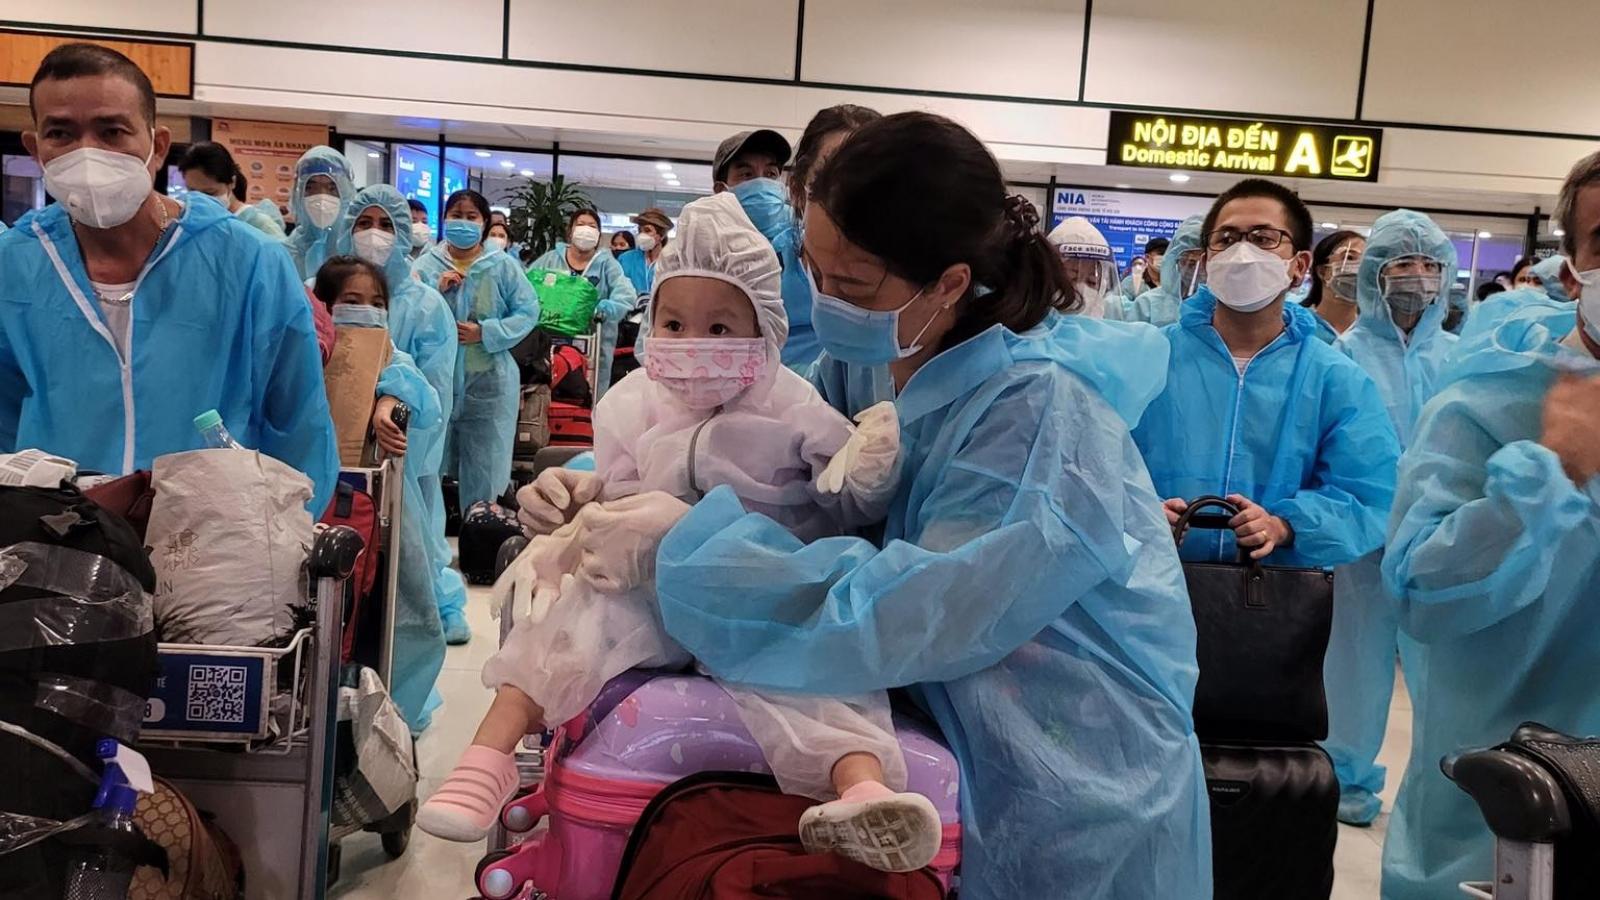 Ba chuyến bay đưa thai phụ, trẻ em, người bệnh từ TP.HCM về quê nhà Bắc Ninh